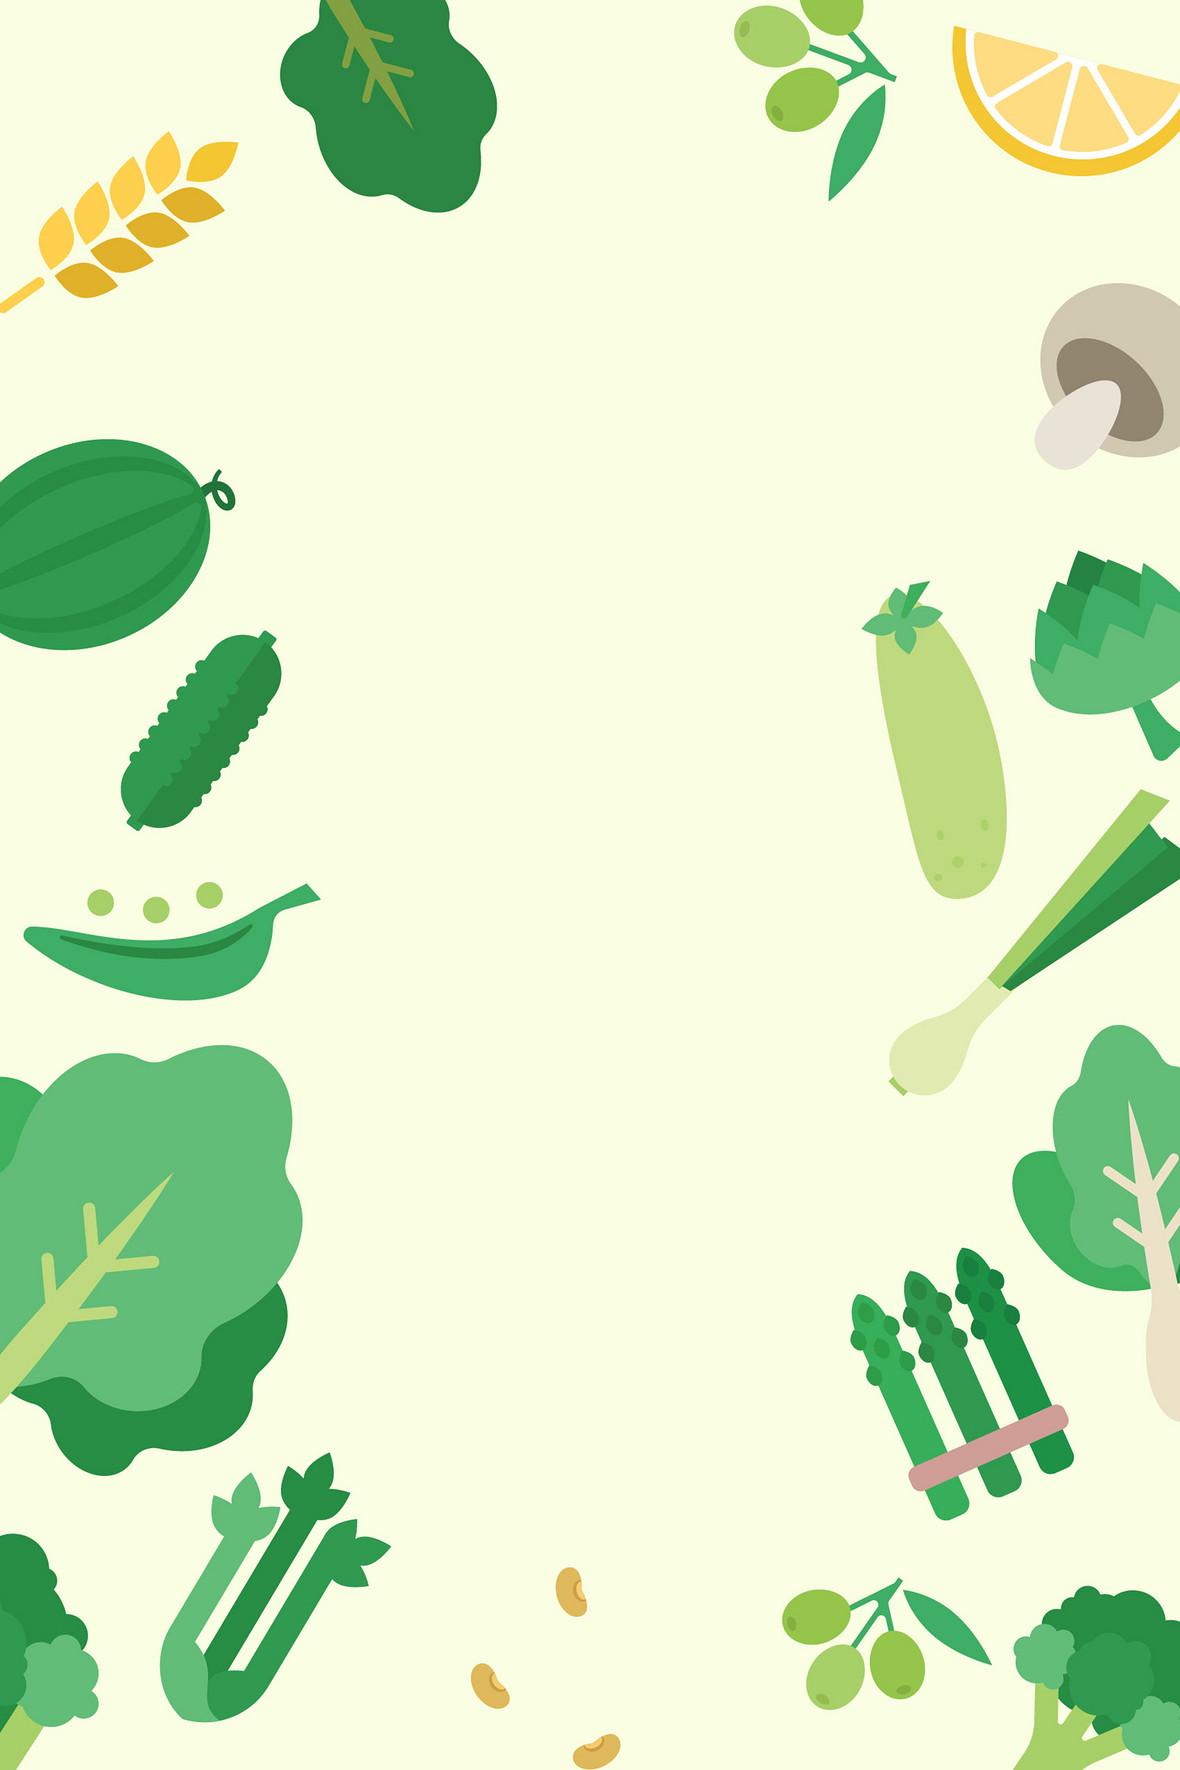 矢量手绘美食餐饮蔬果背景